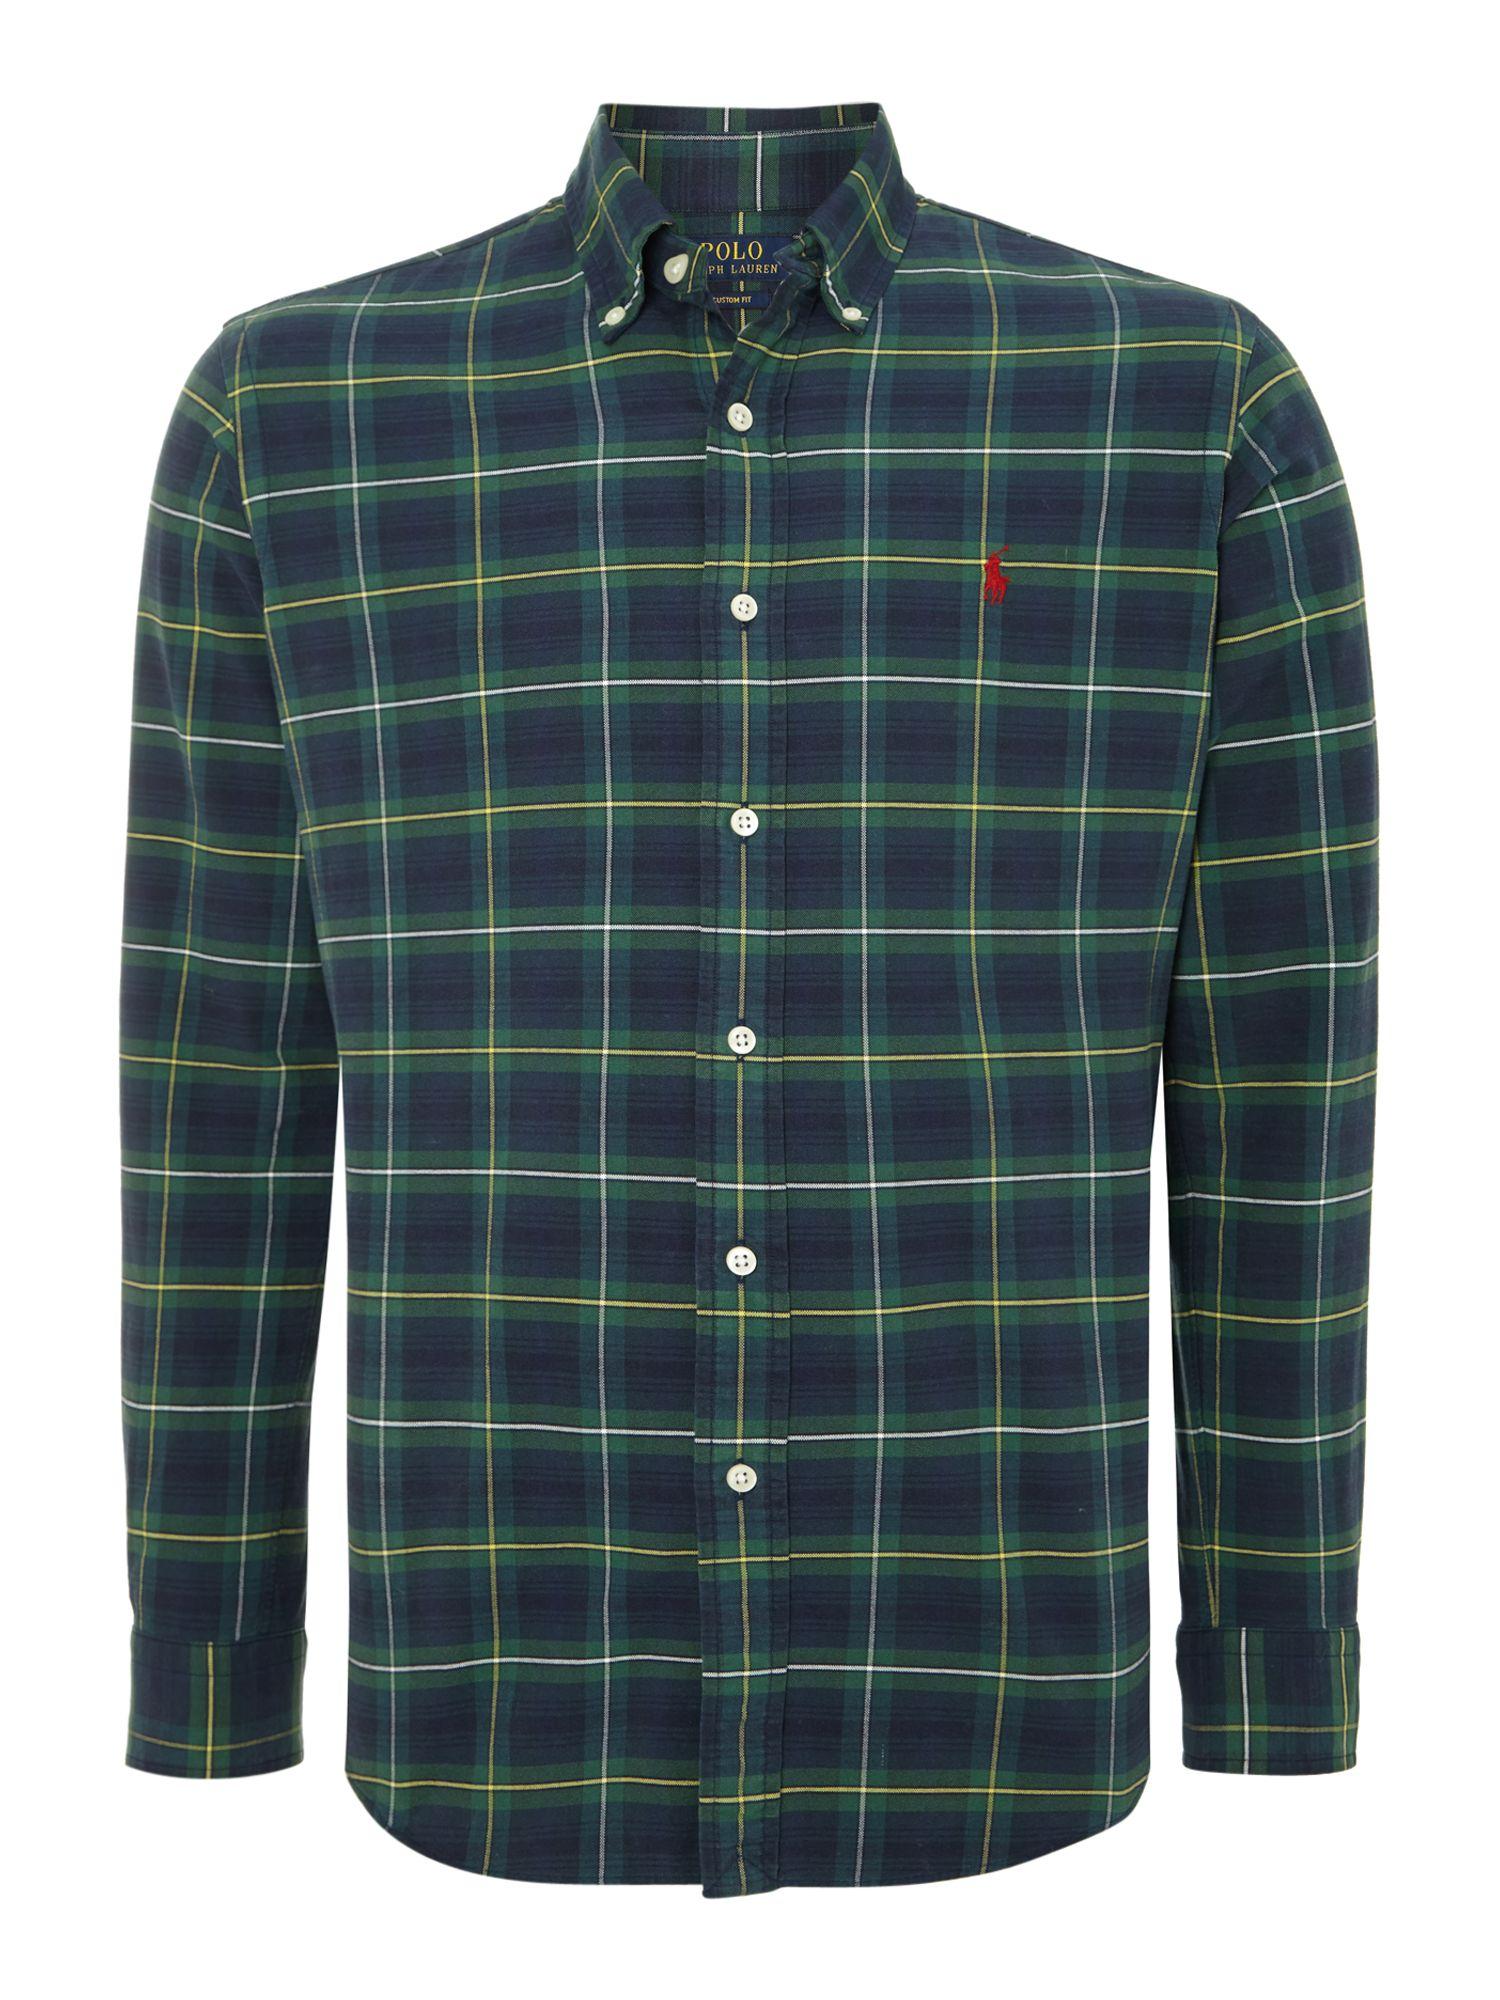 Polo ralph lauren long sleeve custom fit tartan check for Blue and green tartan shirt